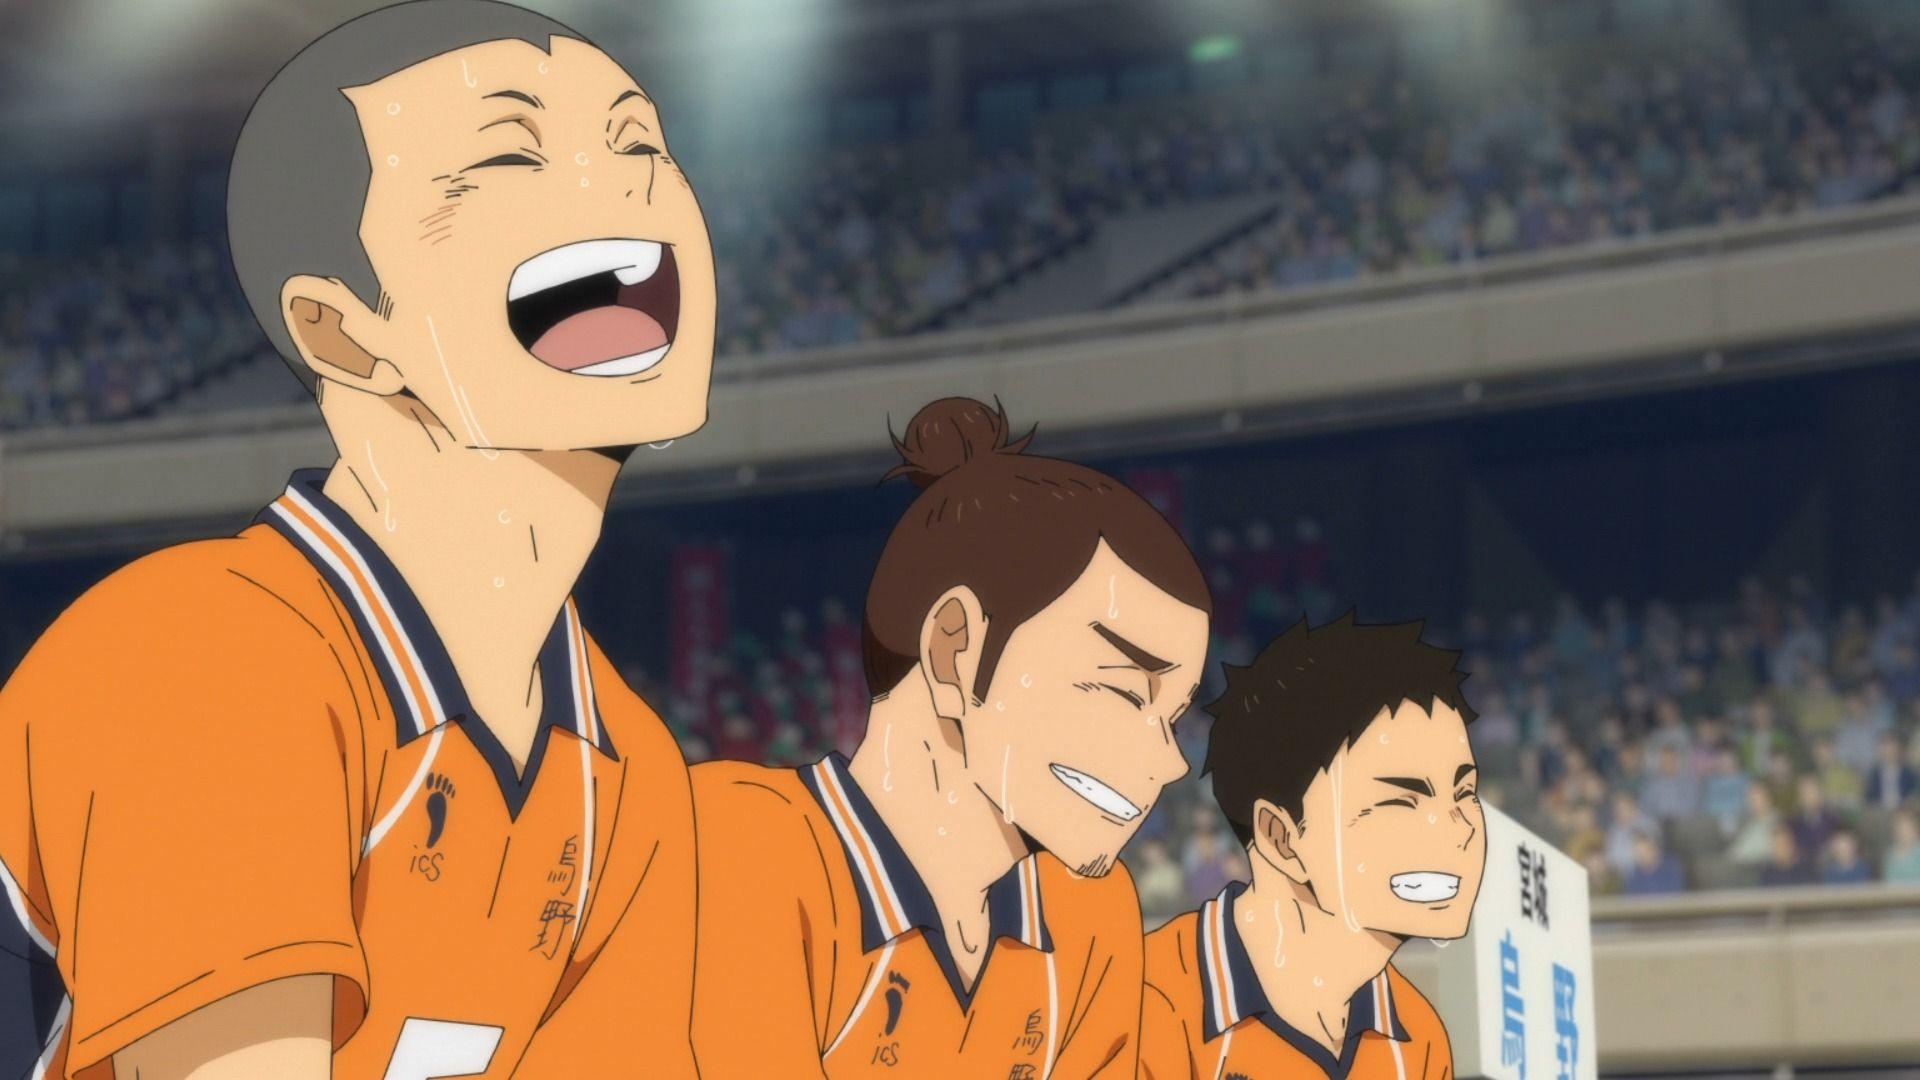 Аниме волейбол Танака, прикольные картинки 14